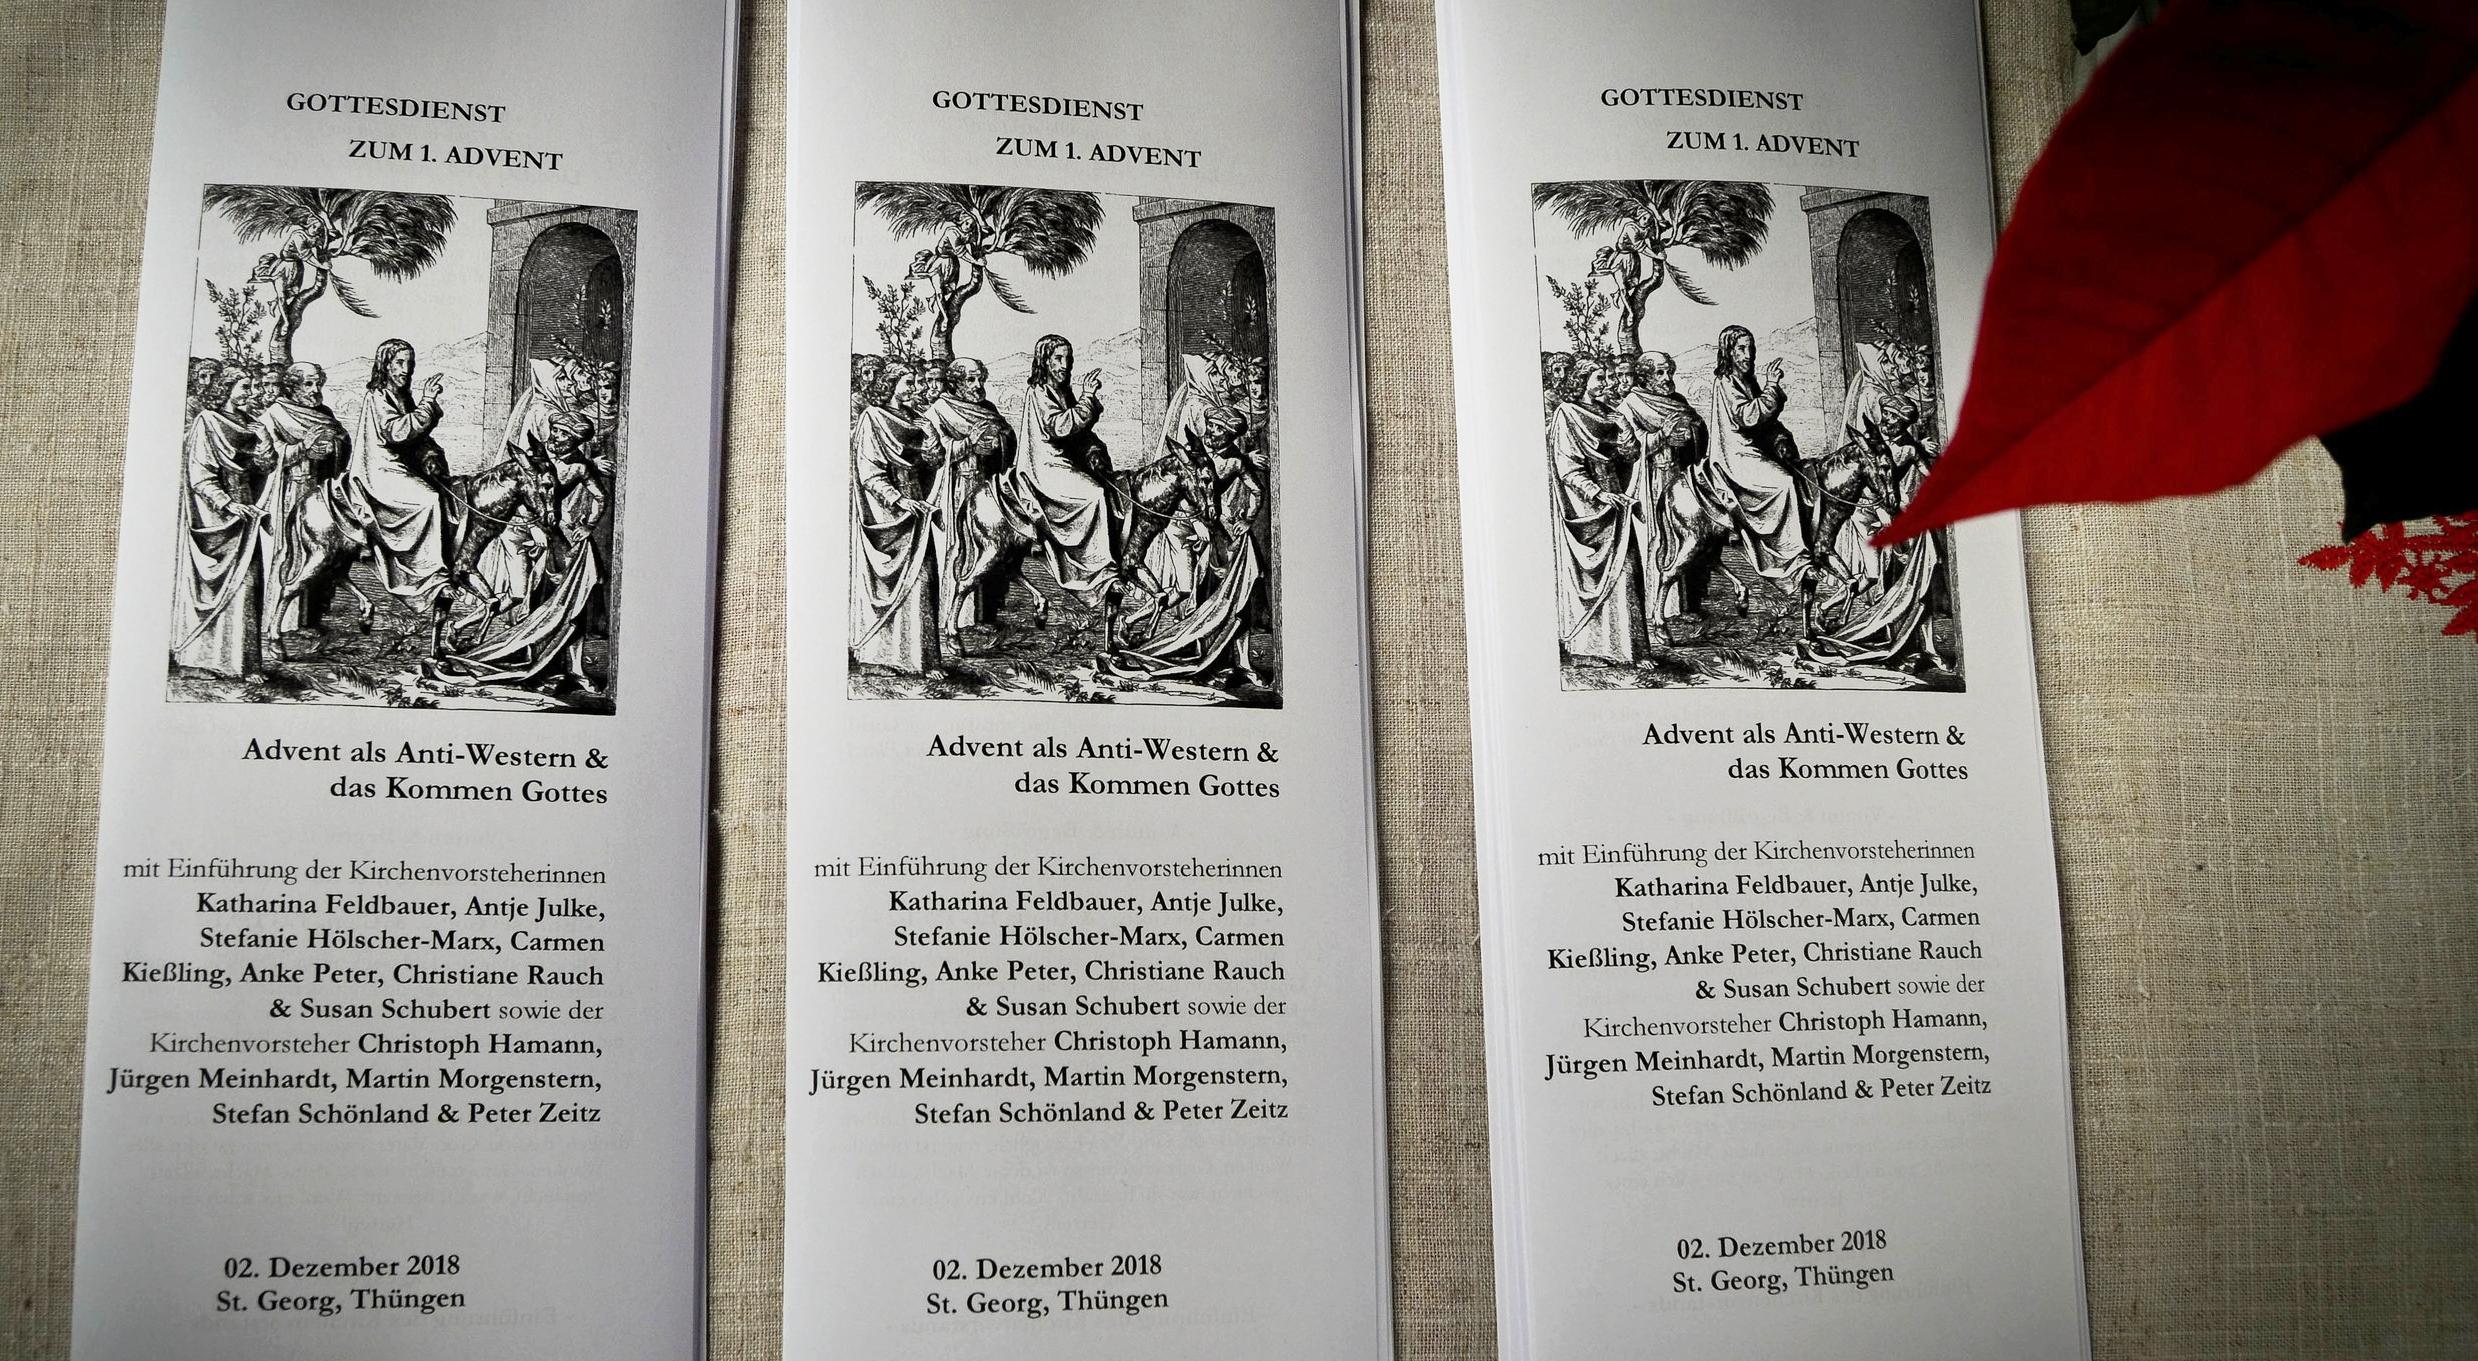 Am 1. Advent findet die Einführung des neu gewählten Kirchenvorstandes in der Kirche St. Georg in Thüngen statt. Der Gottesdienst beginnt um 10.oo Uhr.